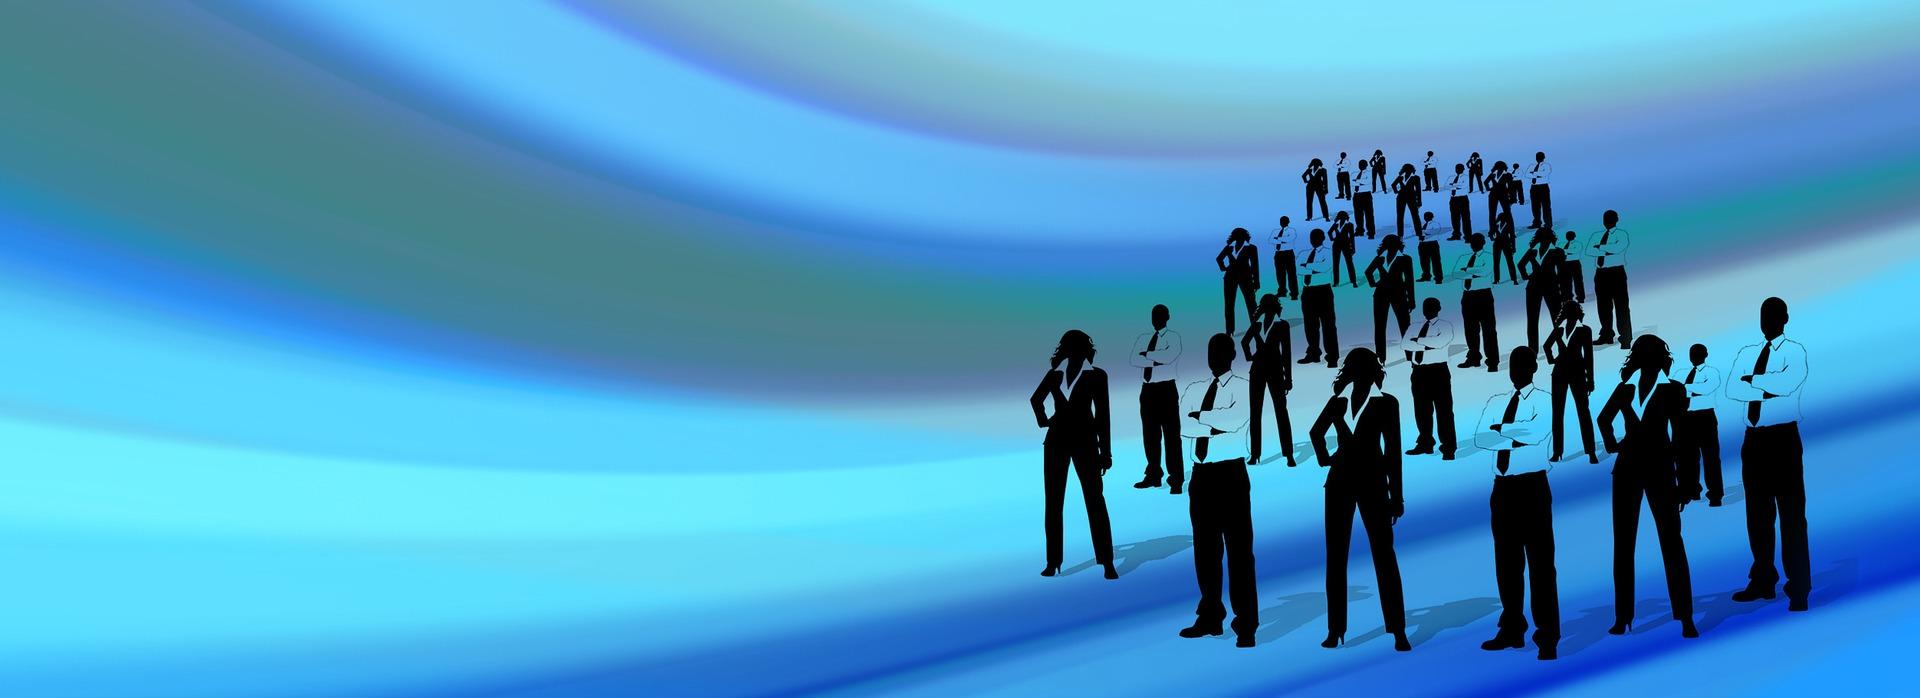 Gruppe von Managern - Schemenhaft